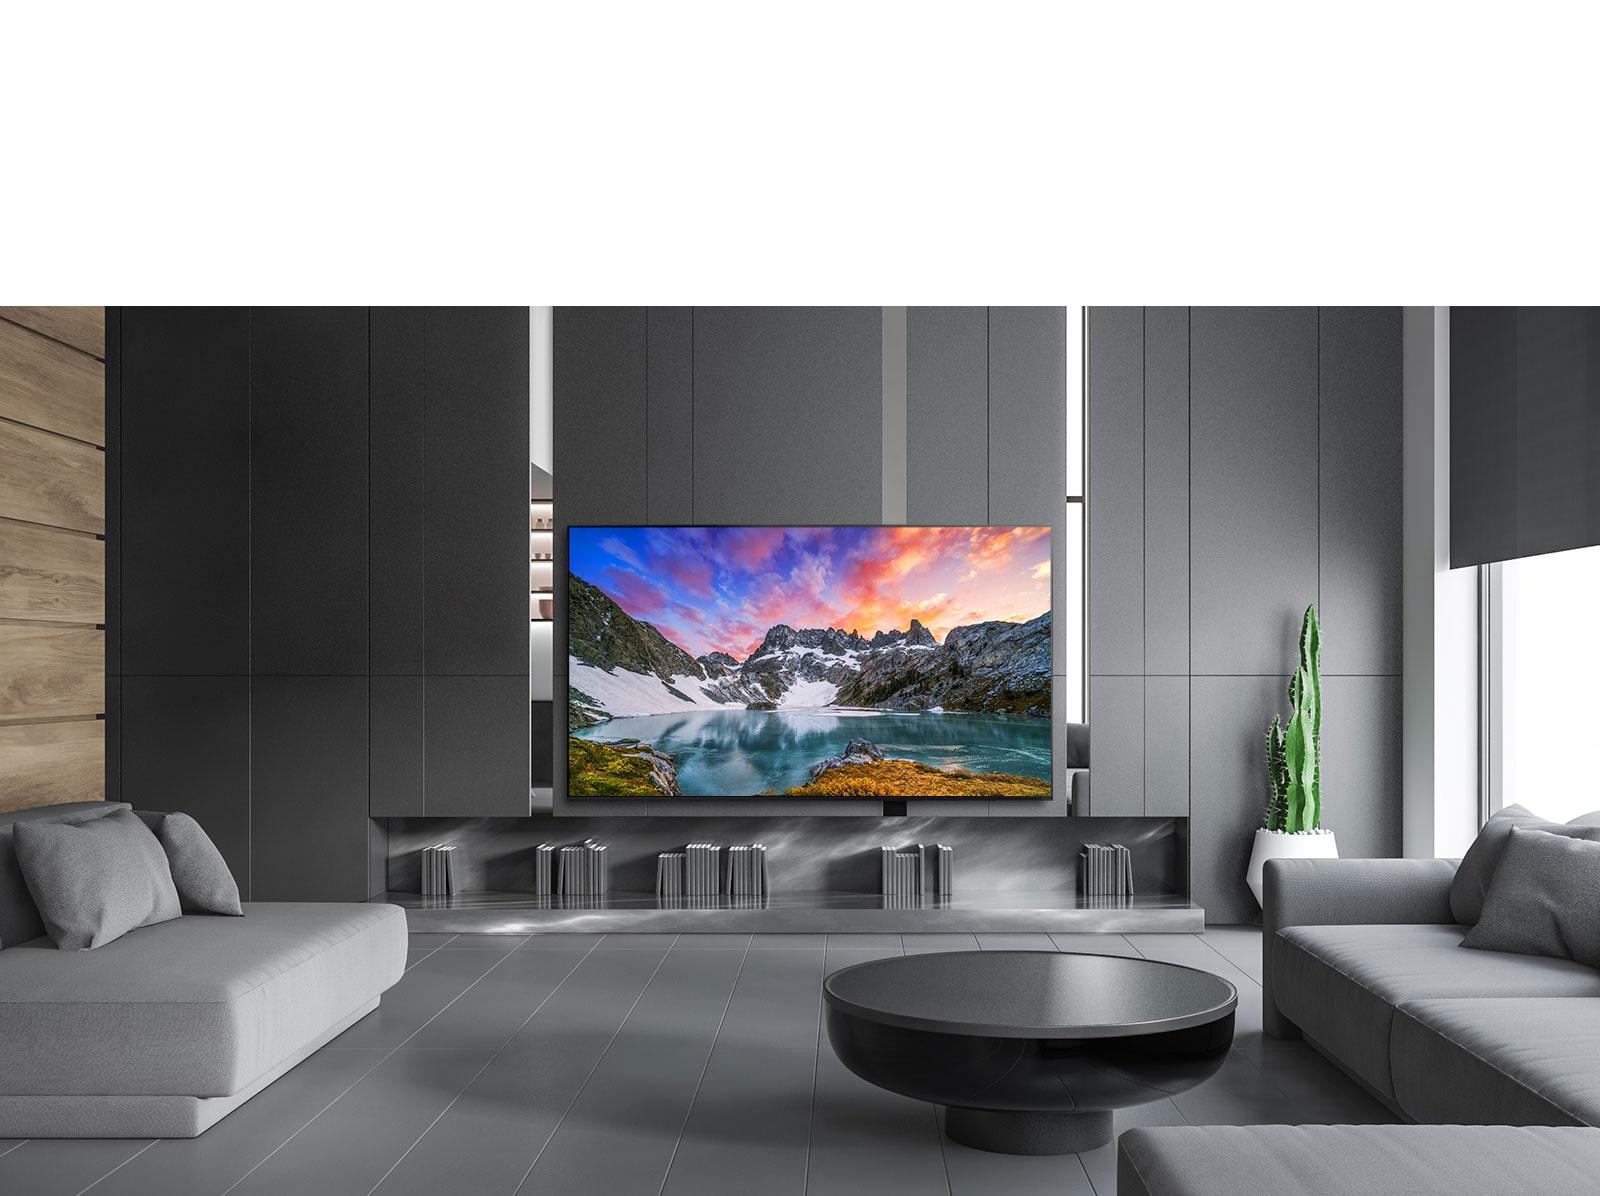 تلفزيون يعرض منظرًا طبيعيًا لمستوى العين في محيط أحد المنازل الفاخرة